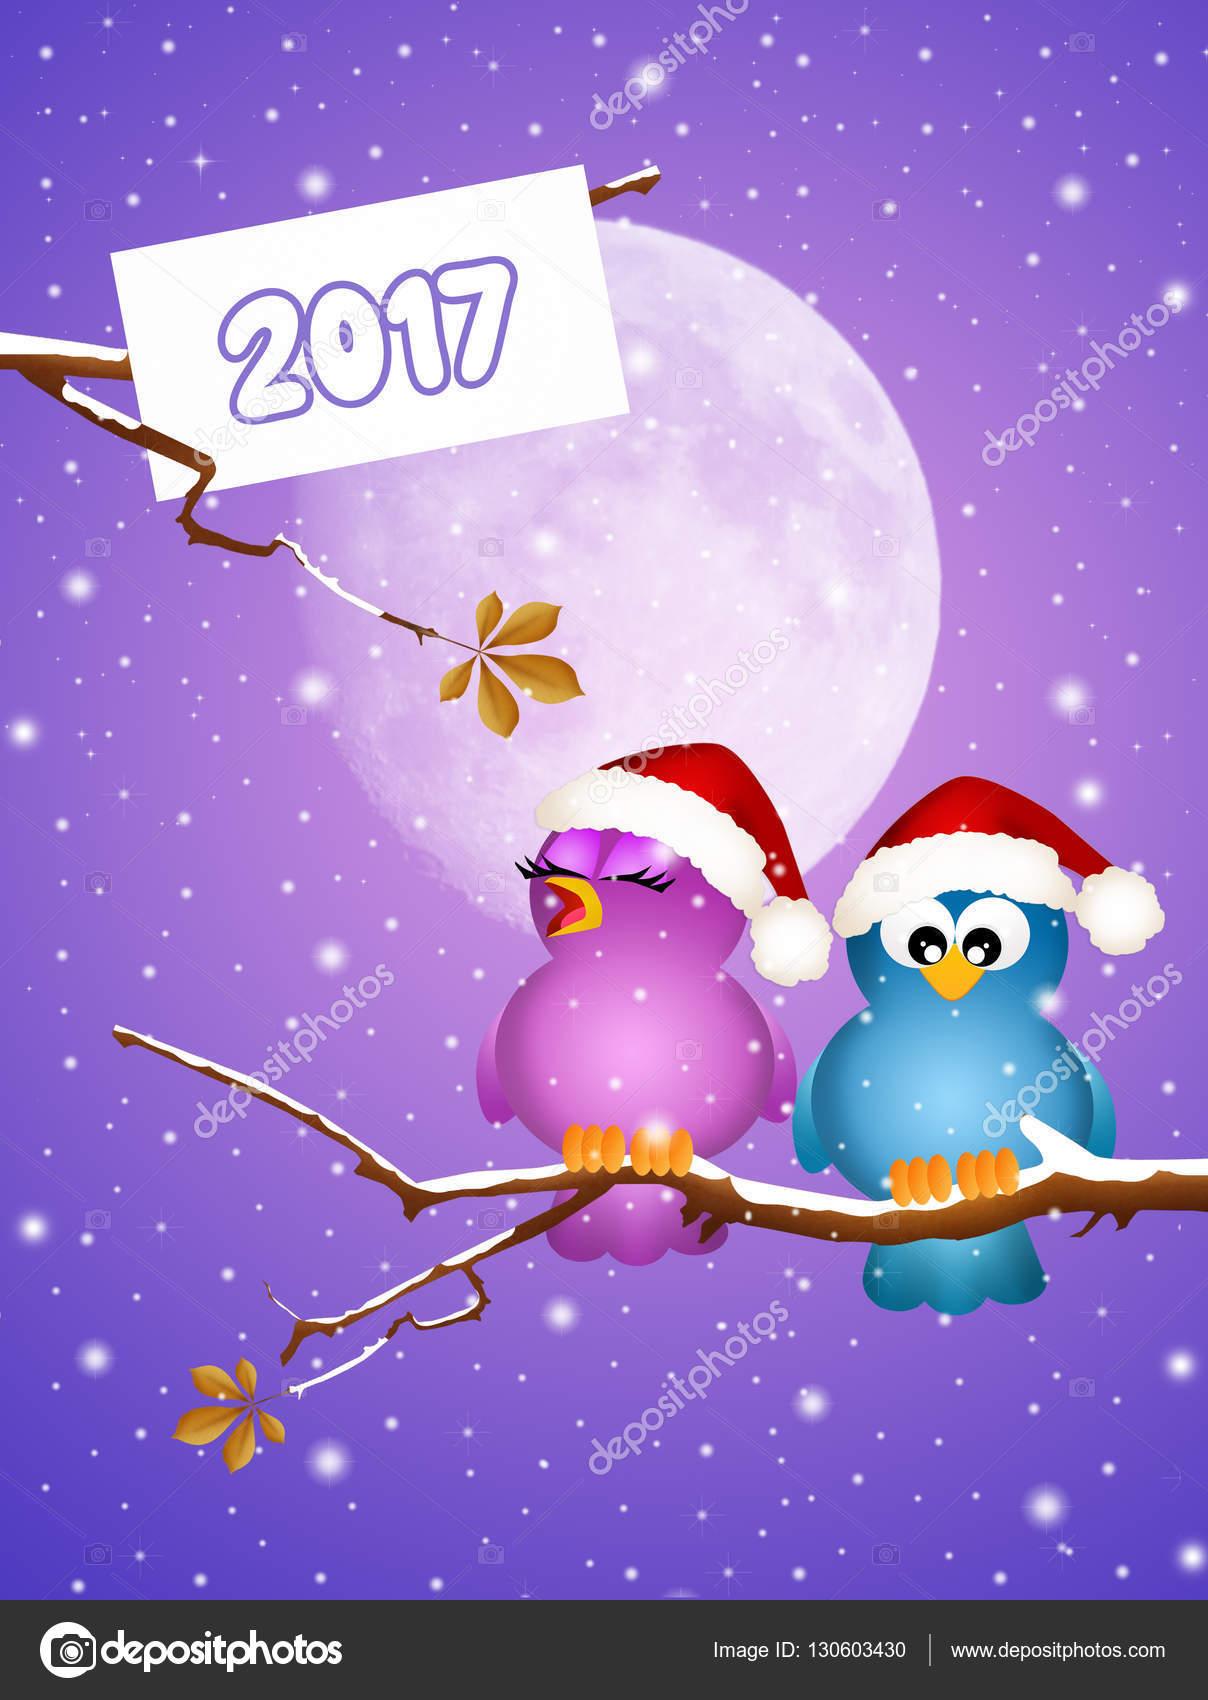 Птица на Новый год рекомендации